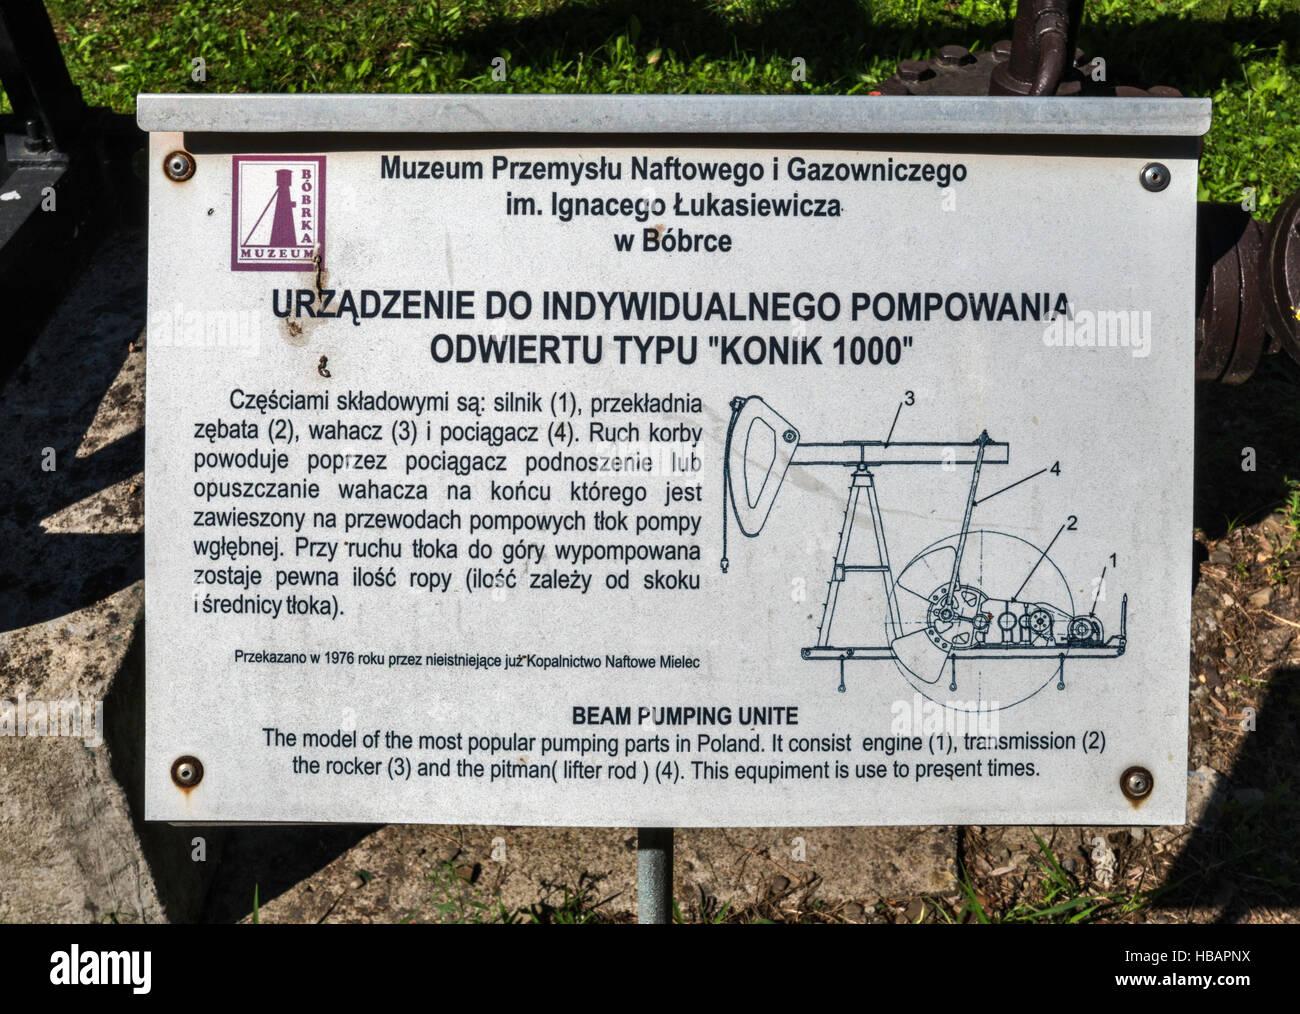 Affiche bilingue à Konik, puits de pétrole 1000 jack, Ignacy Lukasiewicz pompe Musée de l'industrie Photo Stock